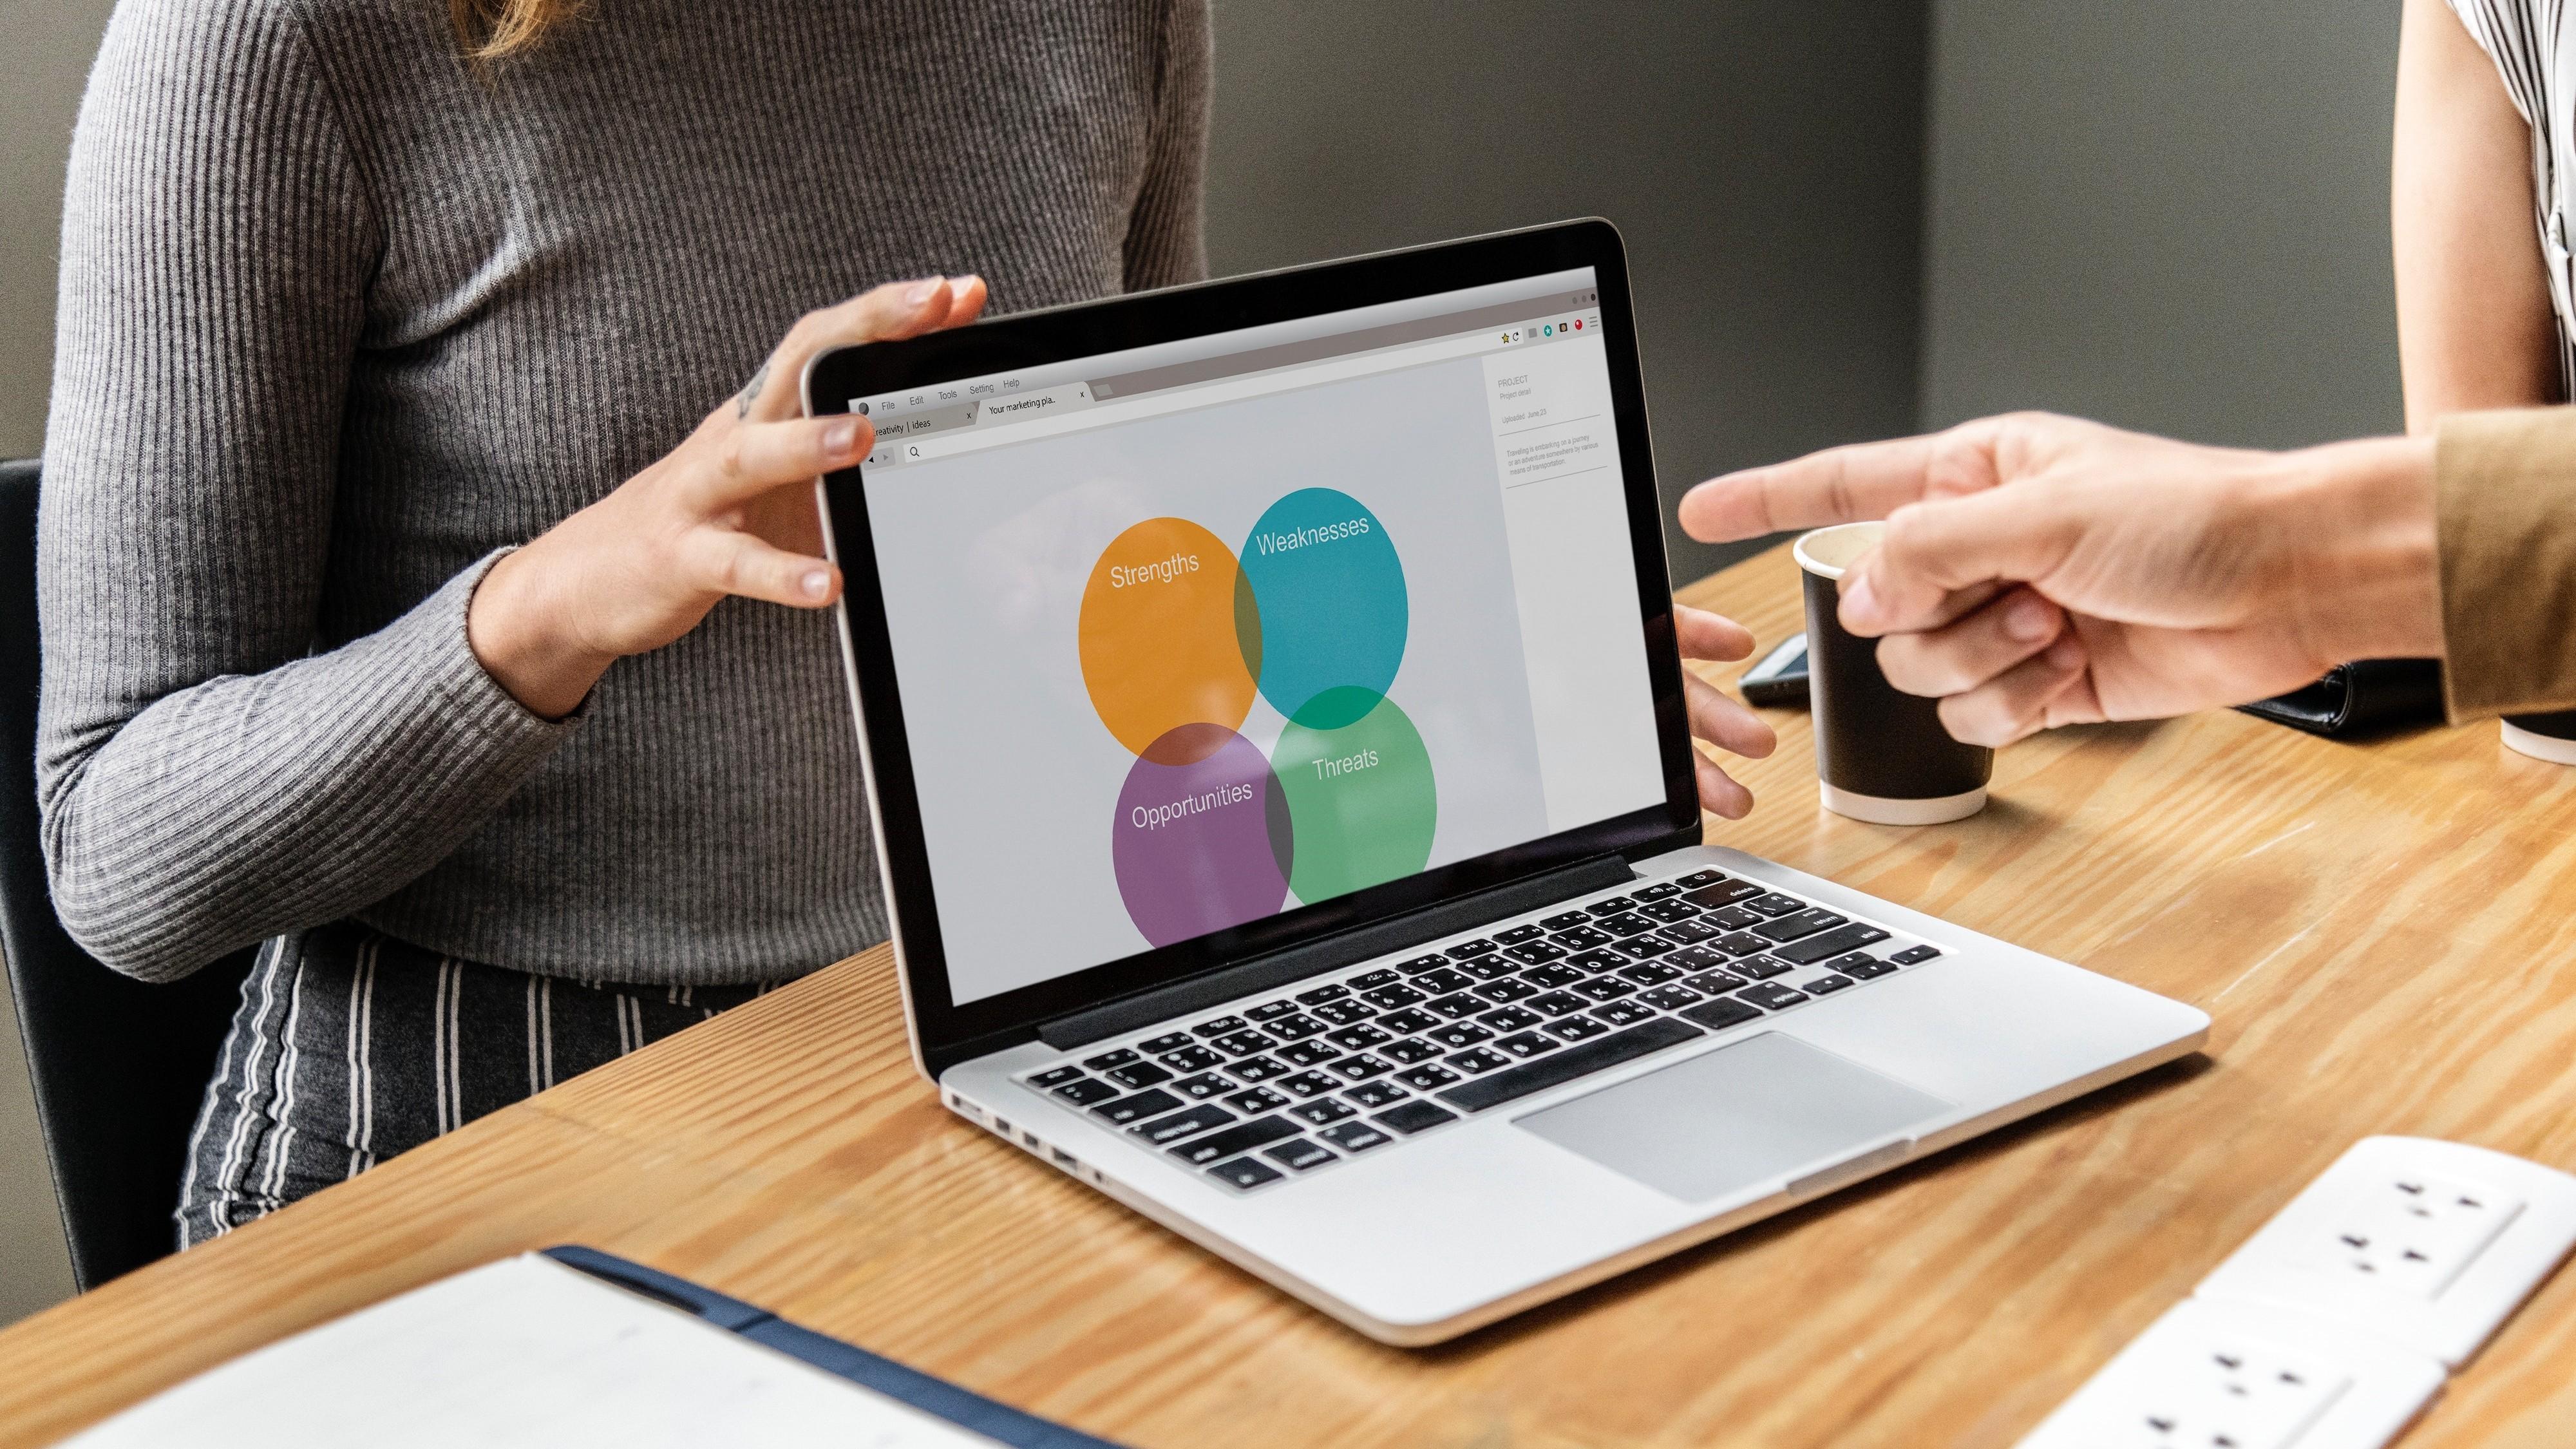 ▲簡報,投影片,開會,會議,職場,工作。(圖/取自免費圖庫Pexels)